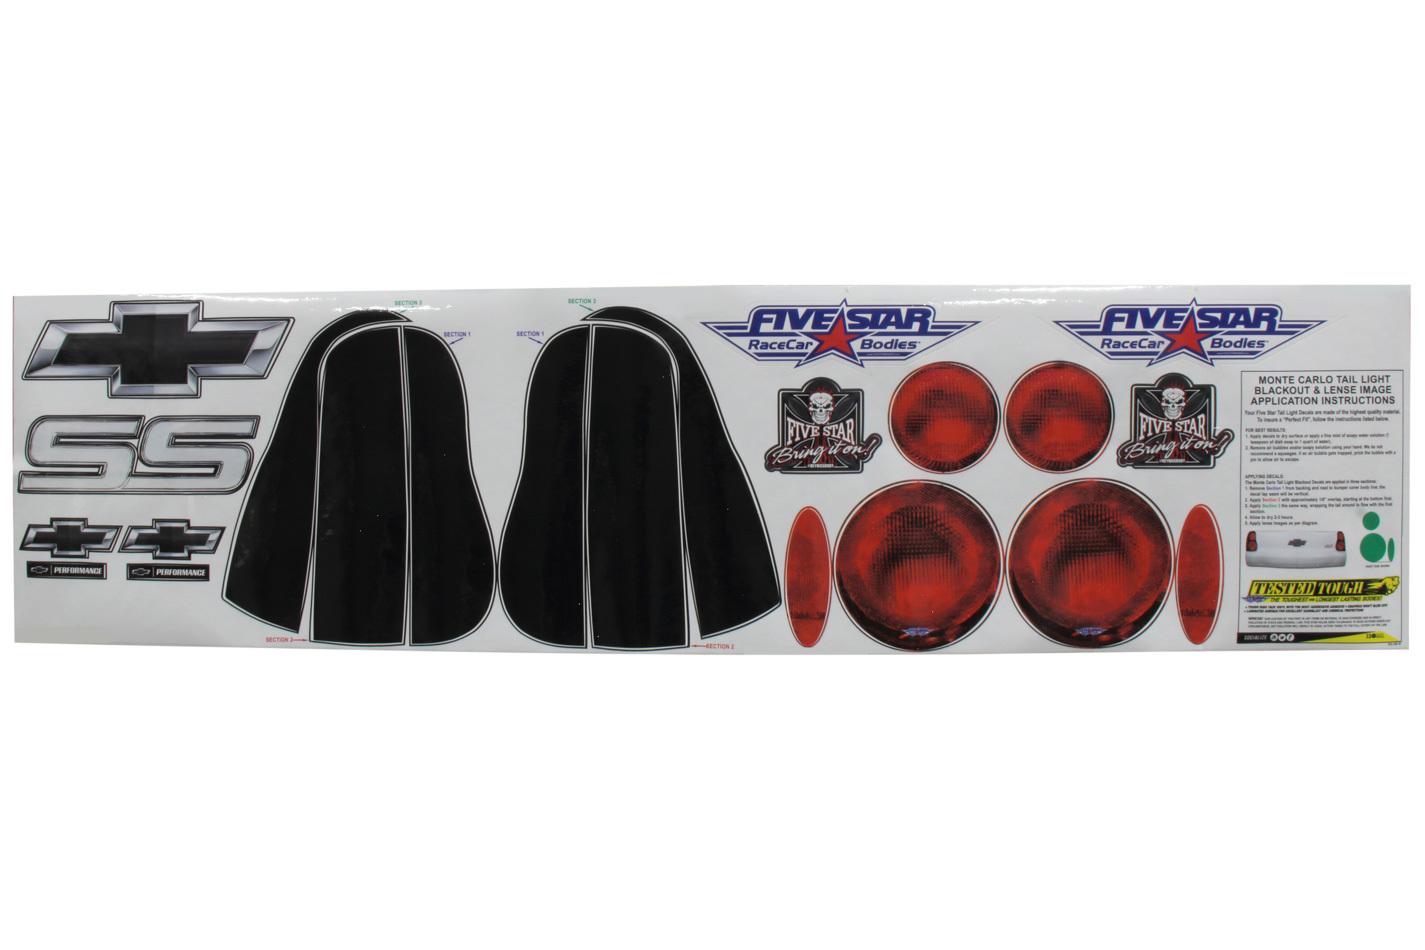 Fivestar 00 M/C Tailight Decals